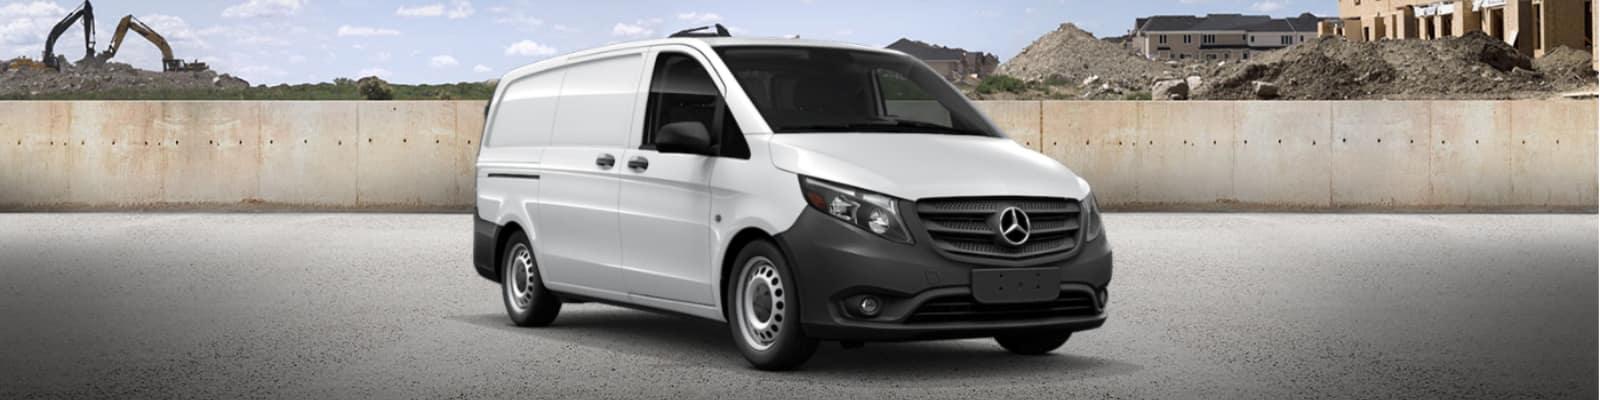 122608-Walters-Auto-Metris-Cargo-Van-model-page-main